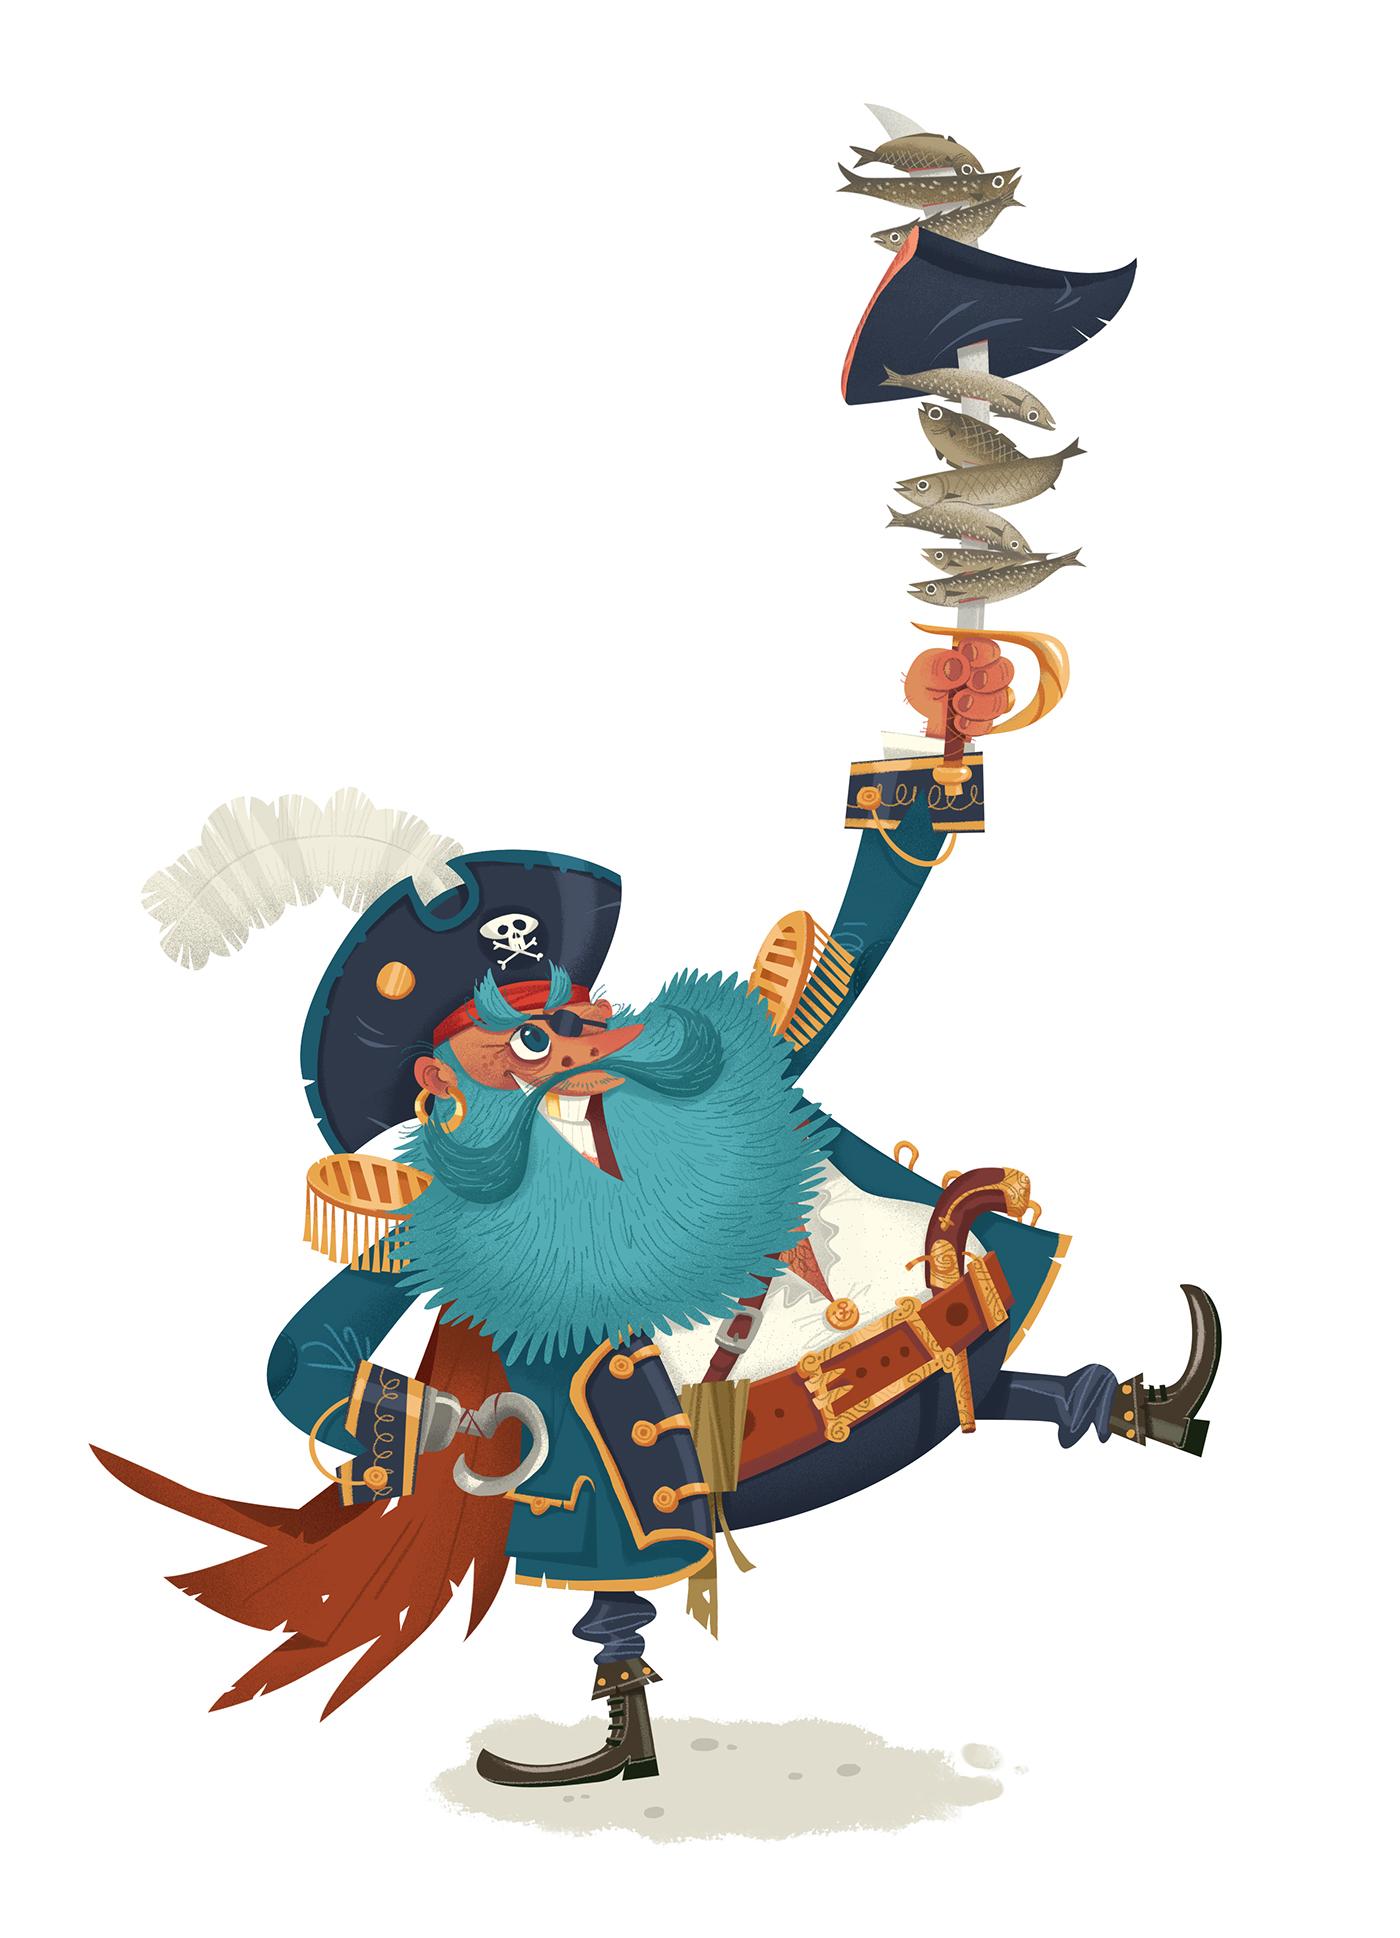 pirate graphic design 7